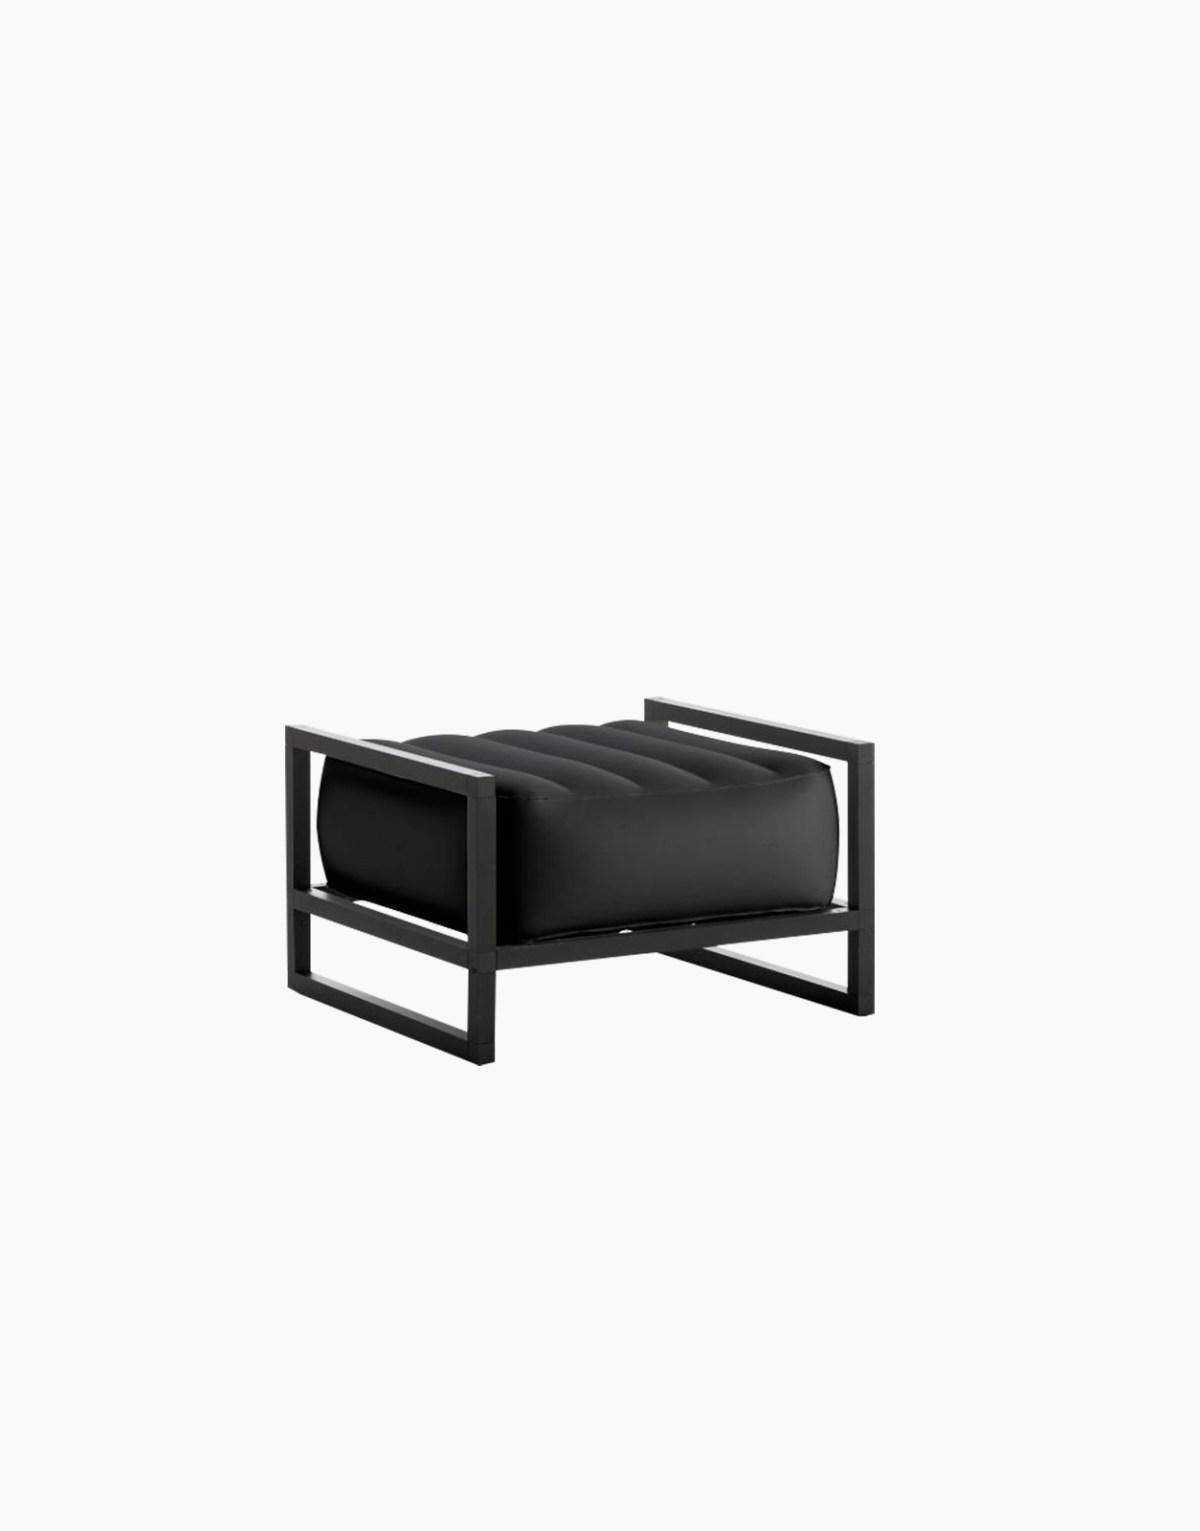 Revendeur de Mojow solution design fr mobilier assises fauteuil Yoko noir opaque